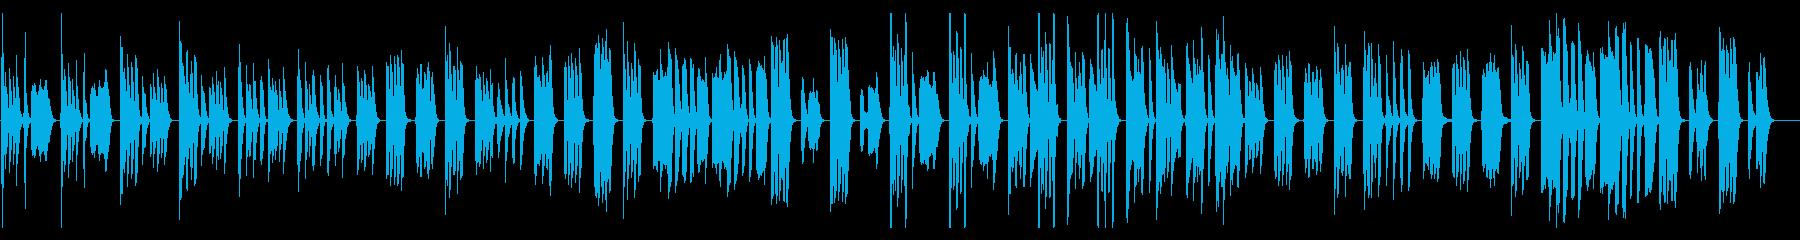 コミカルおとぼけ、ほのぼの系/ドラム抜きの再生済みの波形